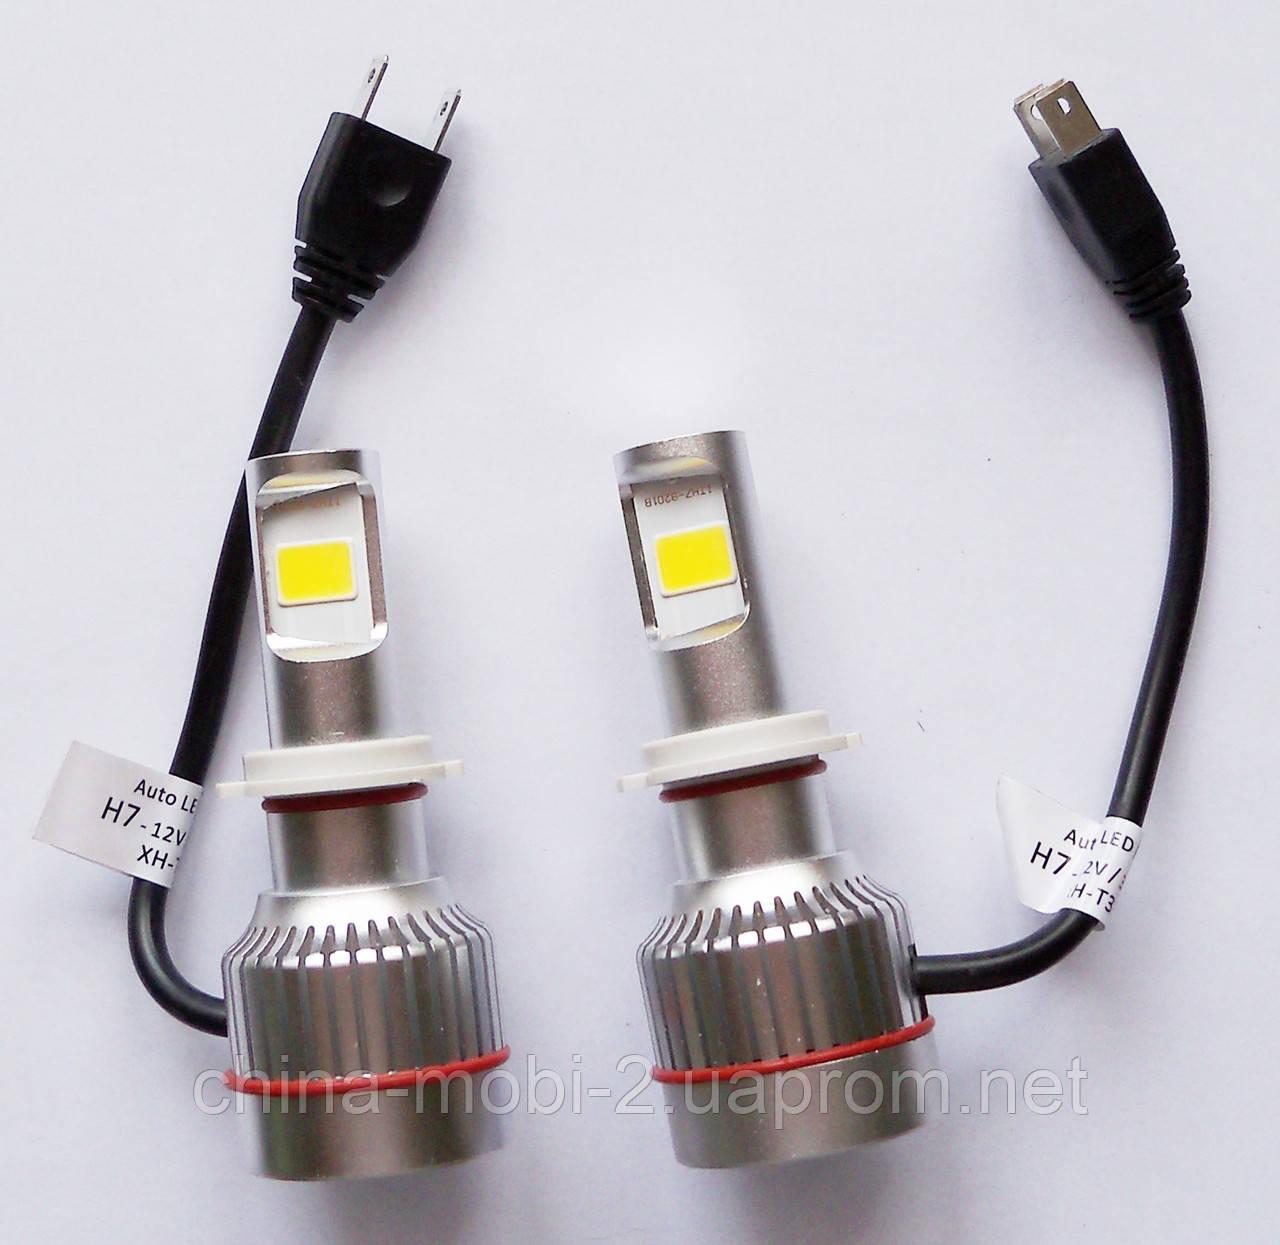 Светодиодные лампы UKC c цоколем H7 33W 4500-5000K 3000LM CAR LED headlight